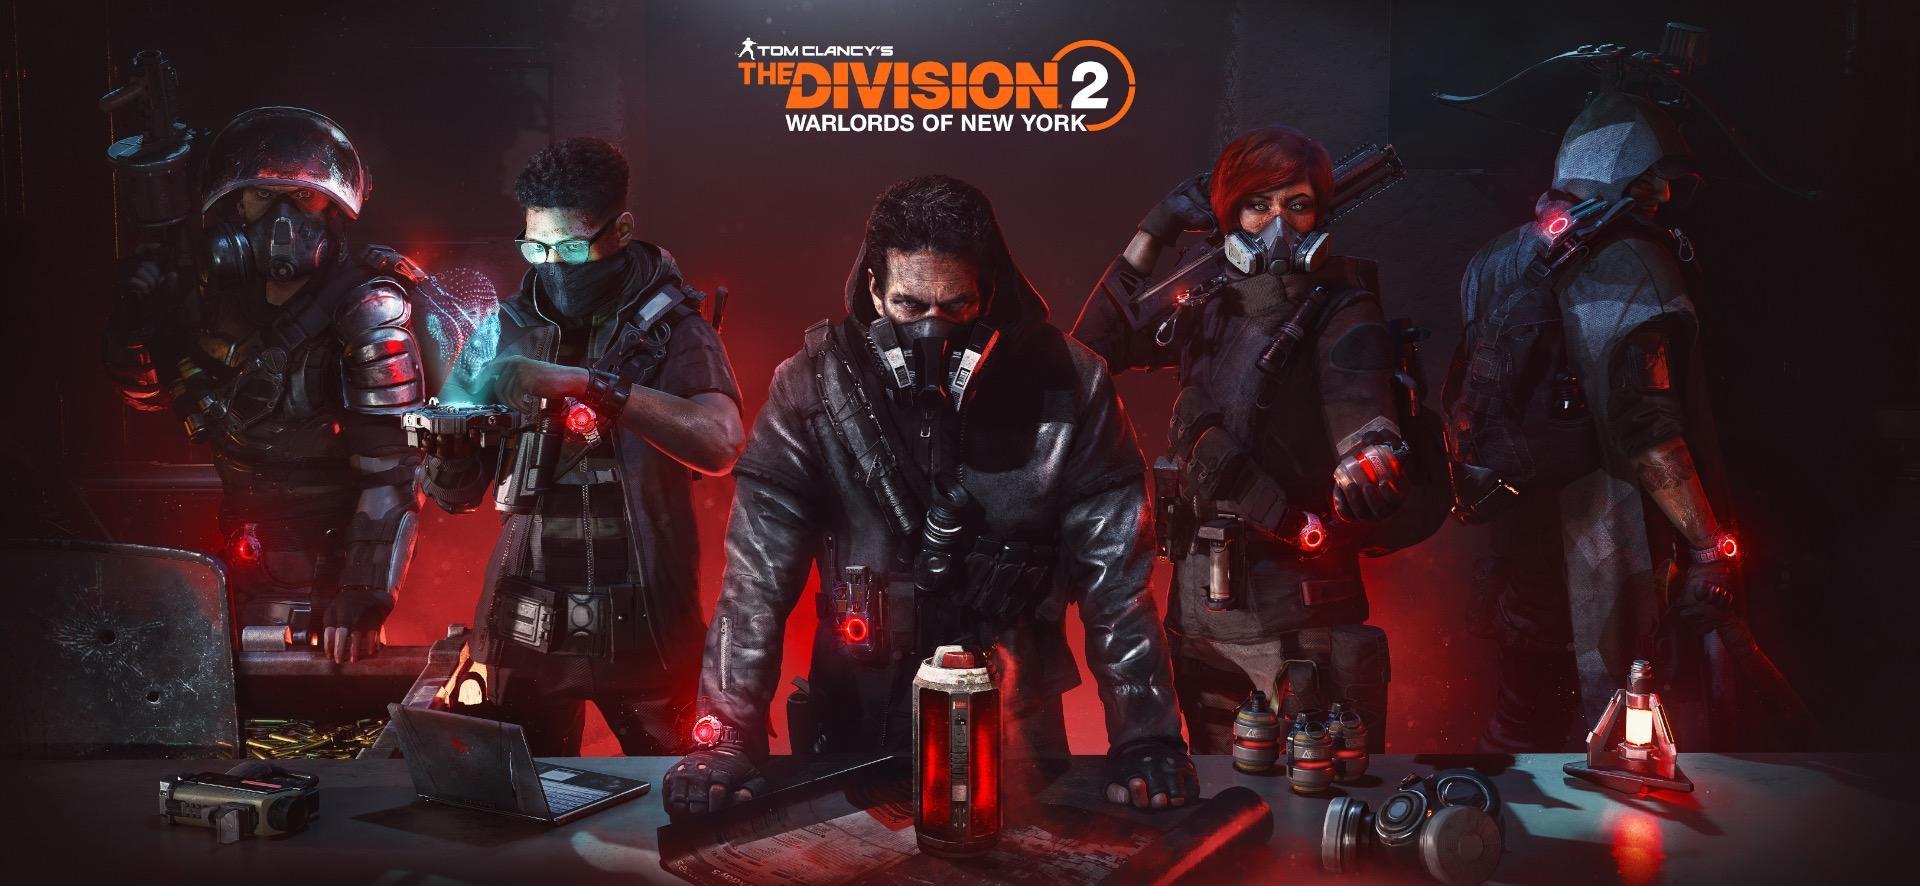 The_Division_2_2510225e415a7e55f5e3.3289